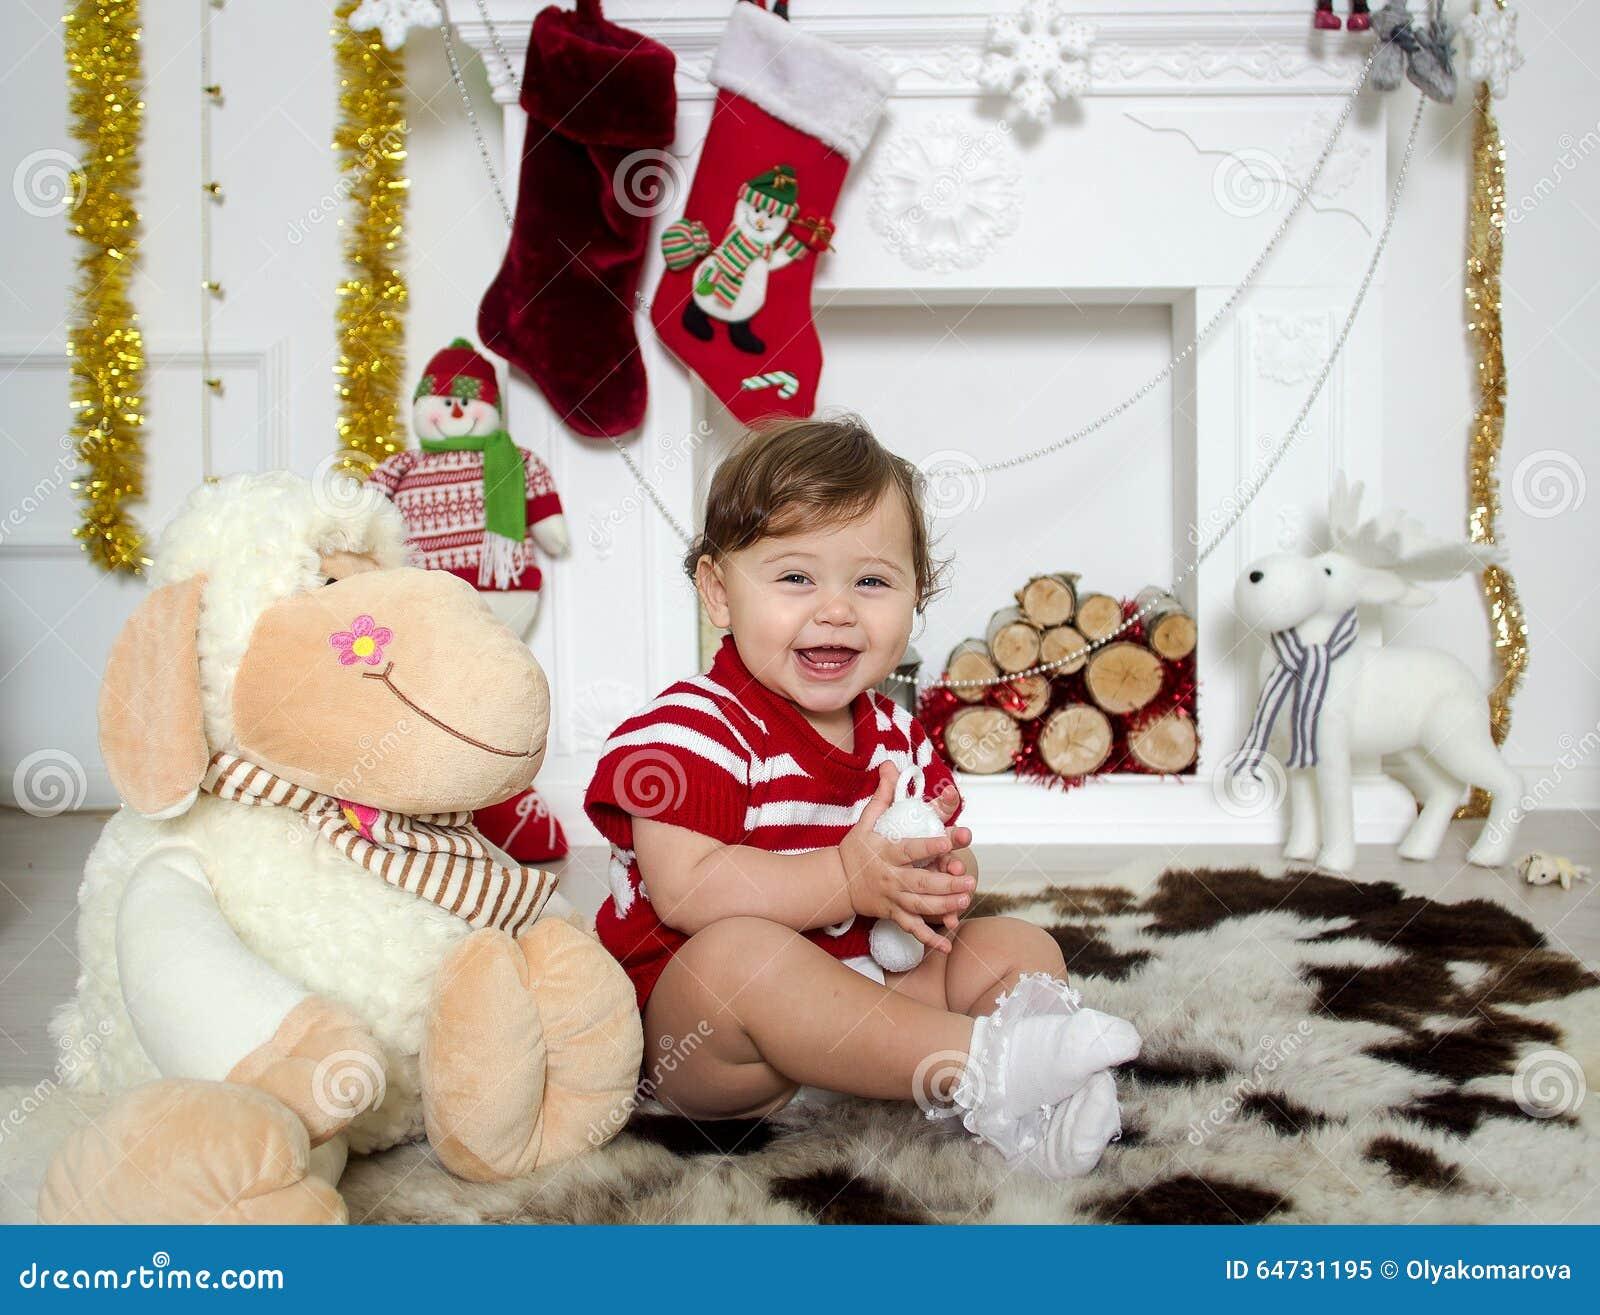 Bambina intorno ad un camino di Natale